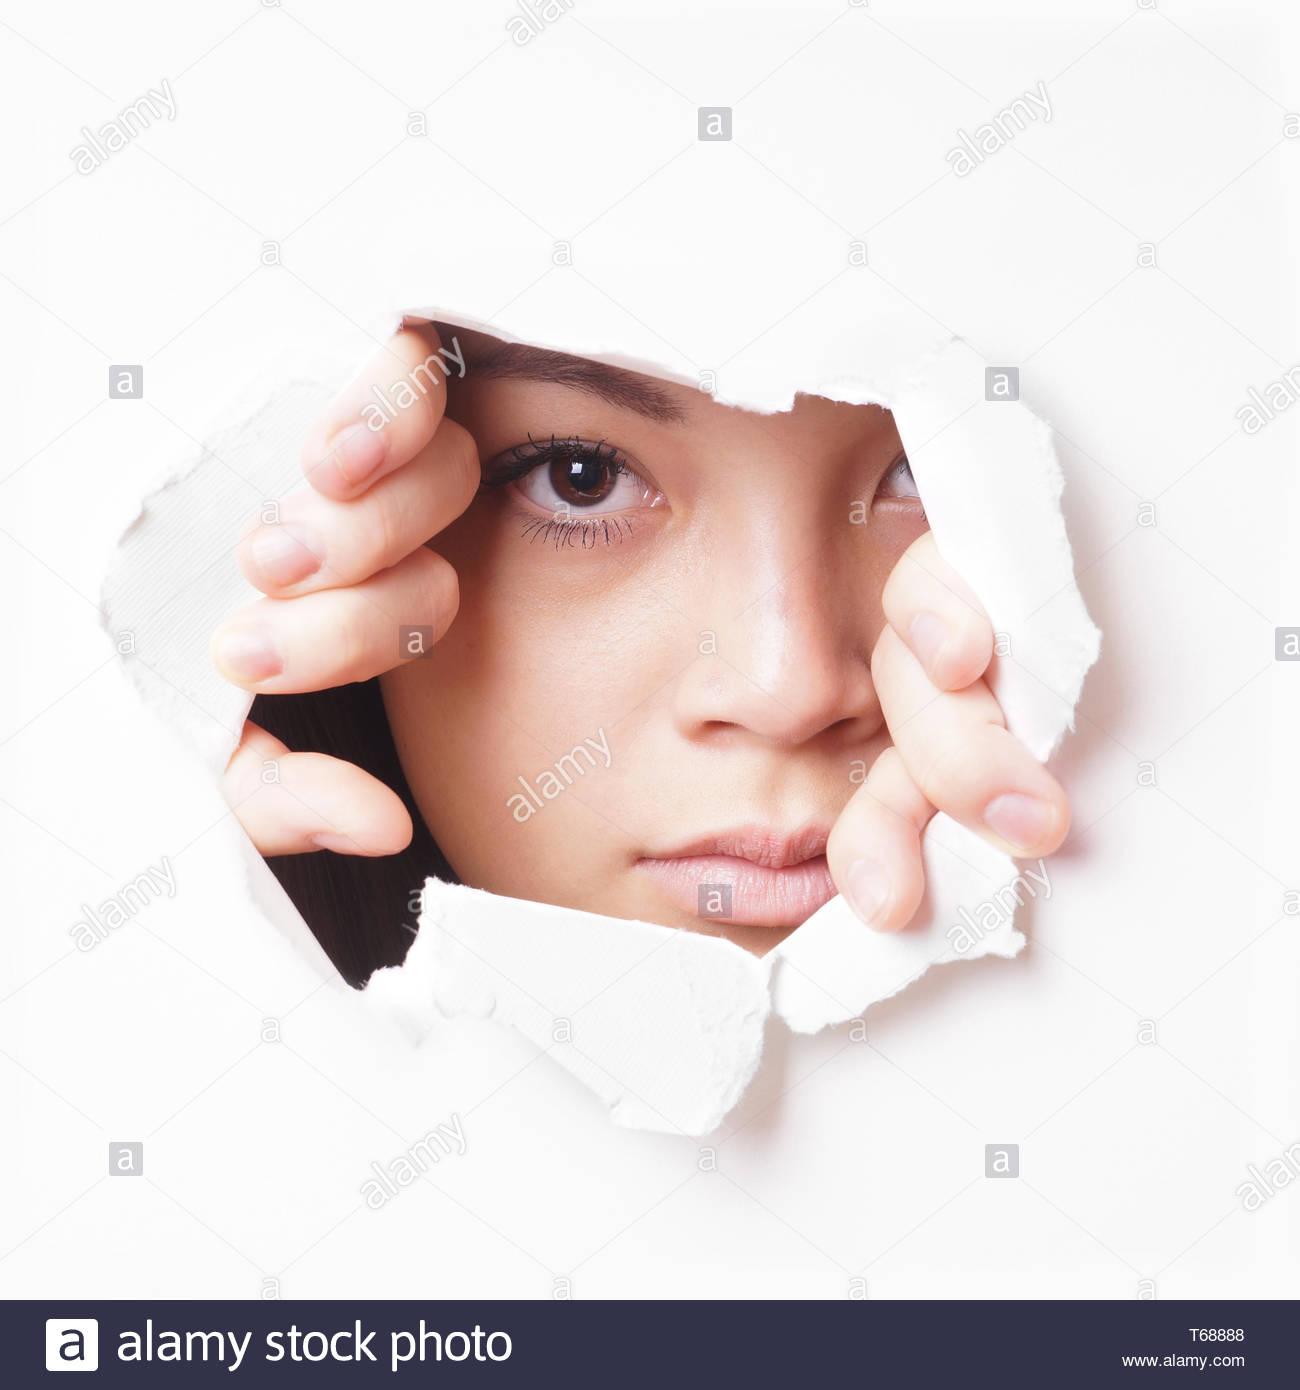 young asian woman peeking - Stock Image